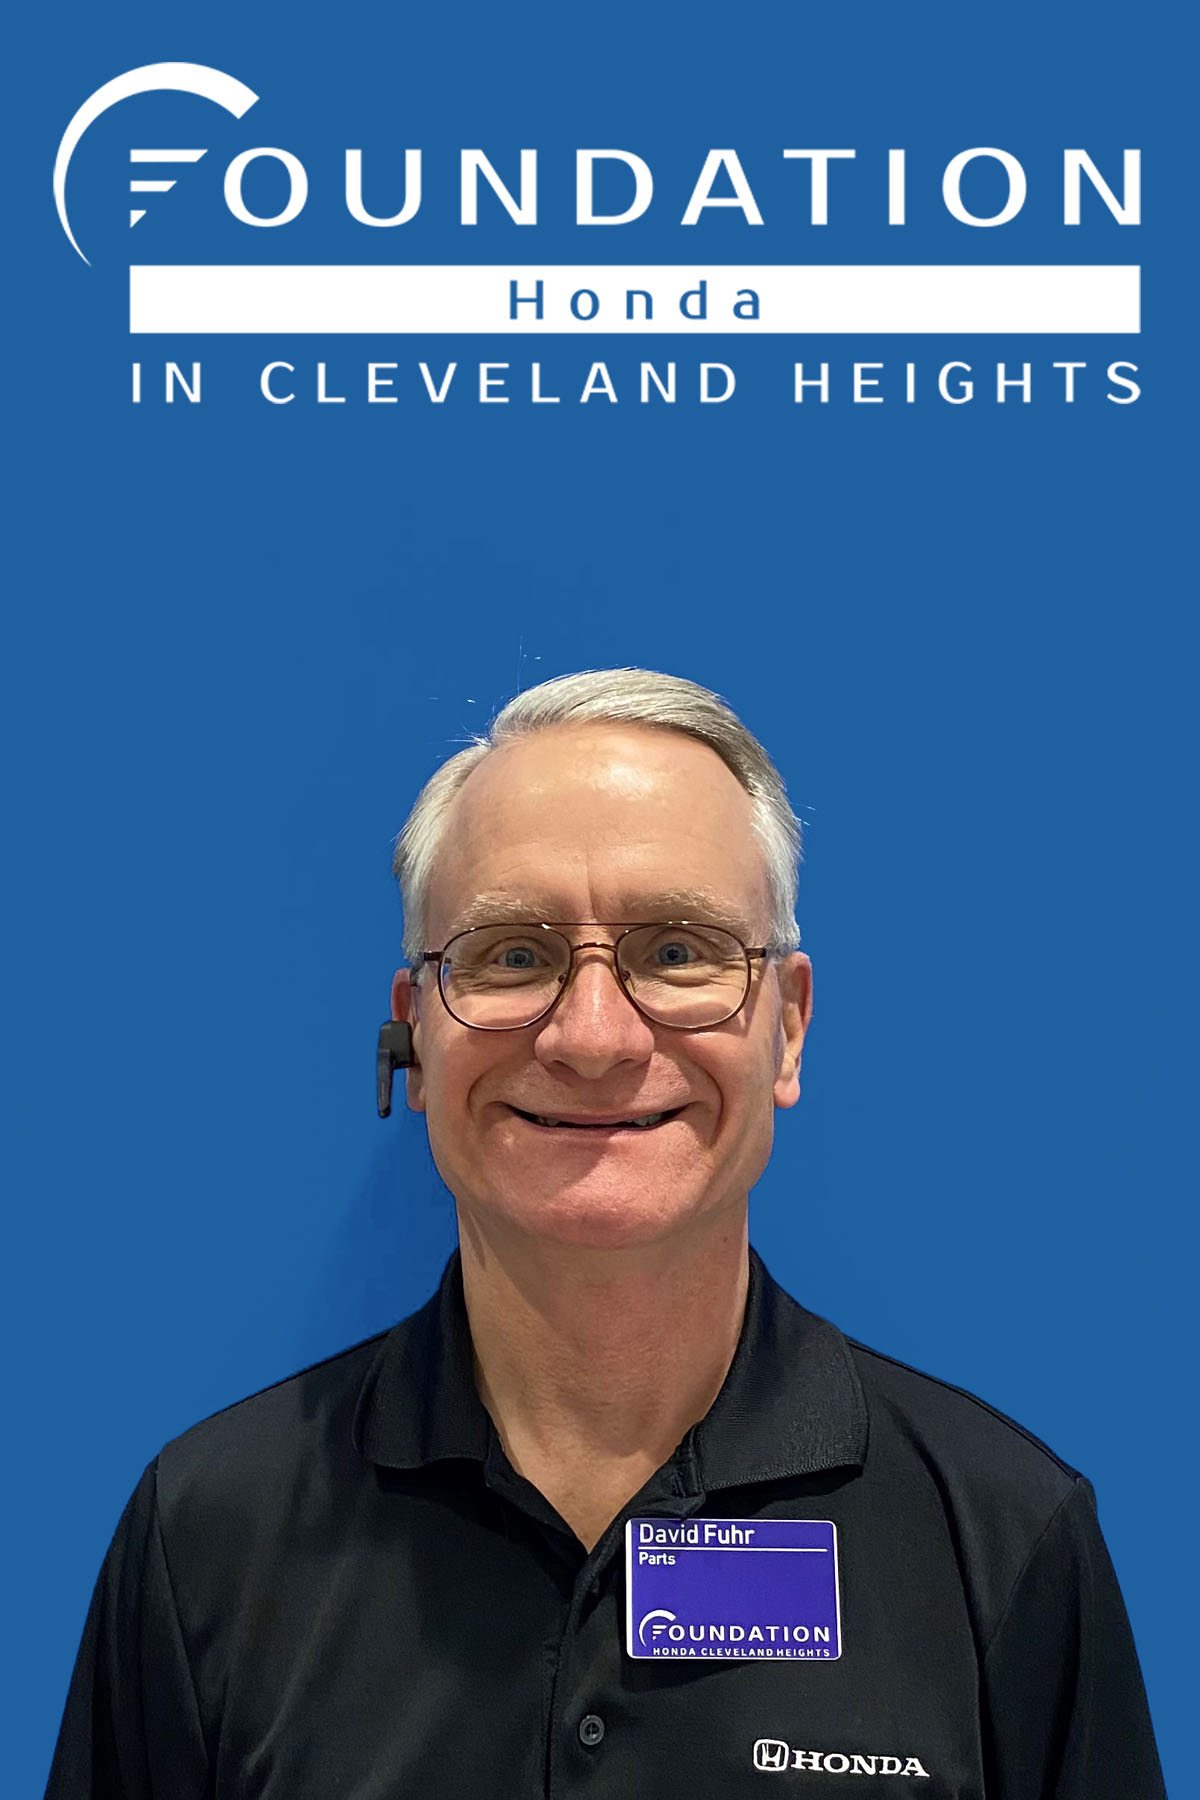 David Fuhr Bio Image